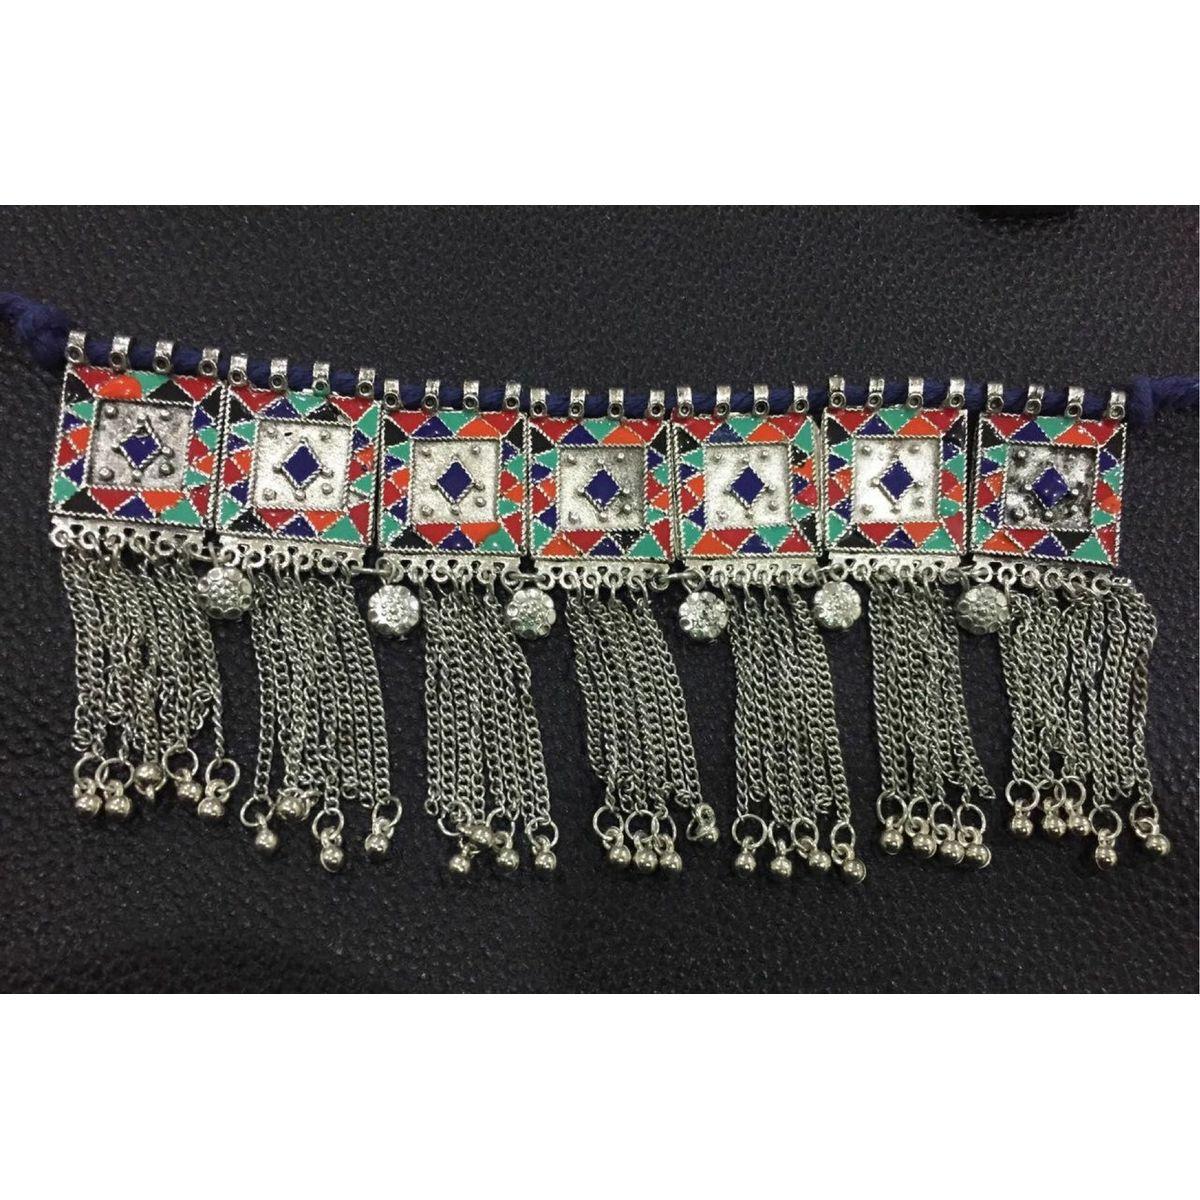 Oxidised jewellery afghani silver oxidised choker in multicoloured enamel